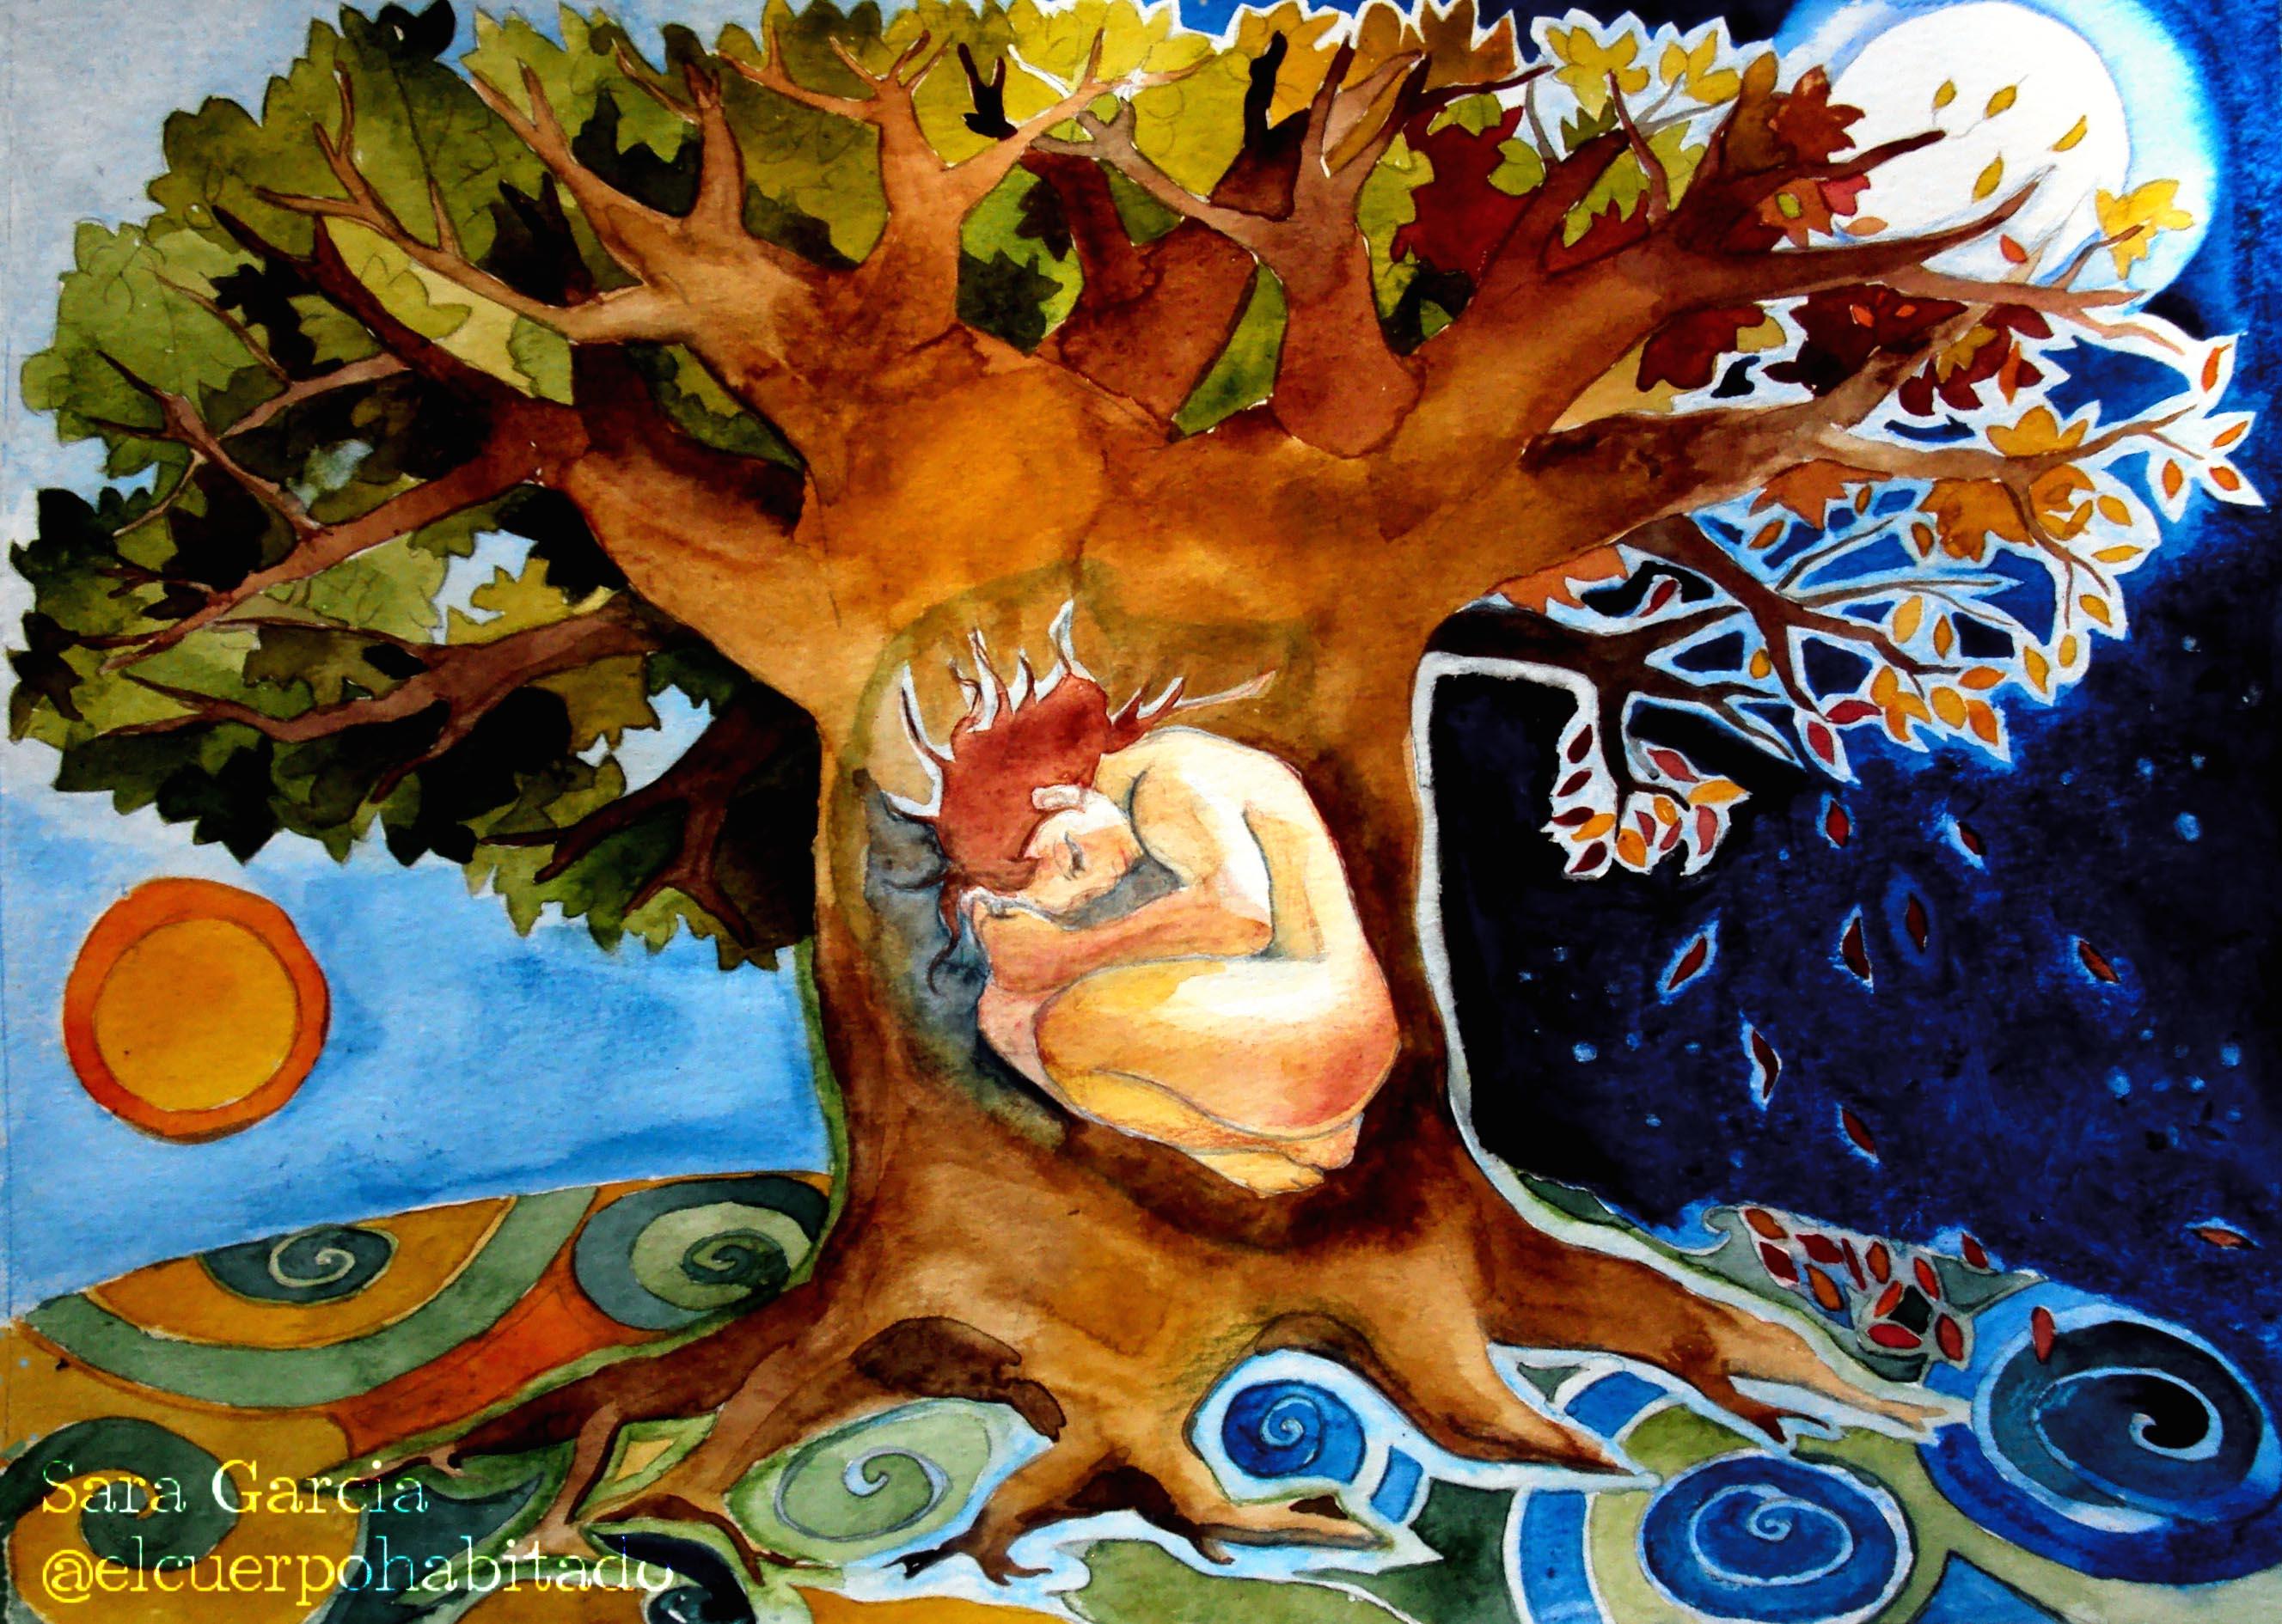 Renacer en el árbol. Sara García Parra